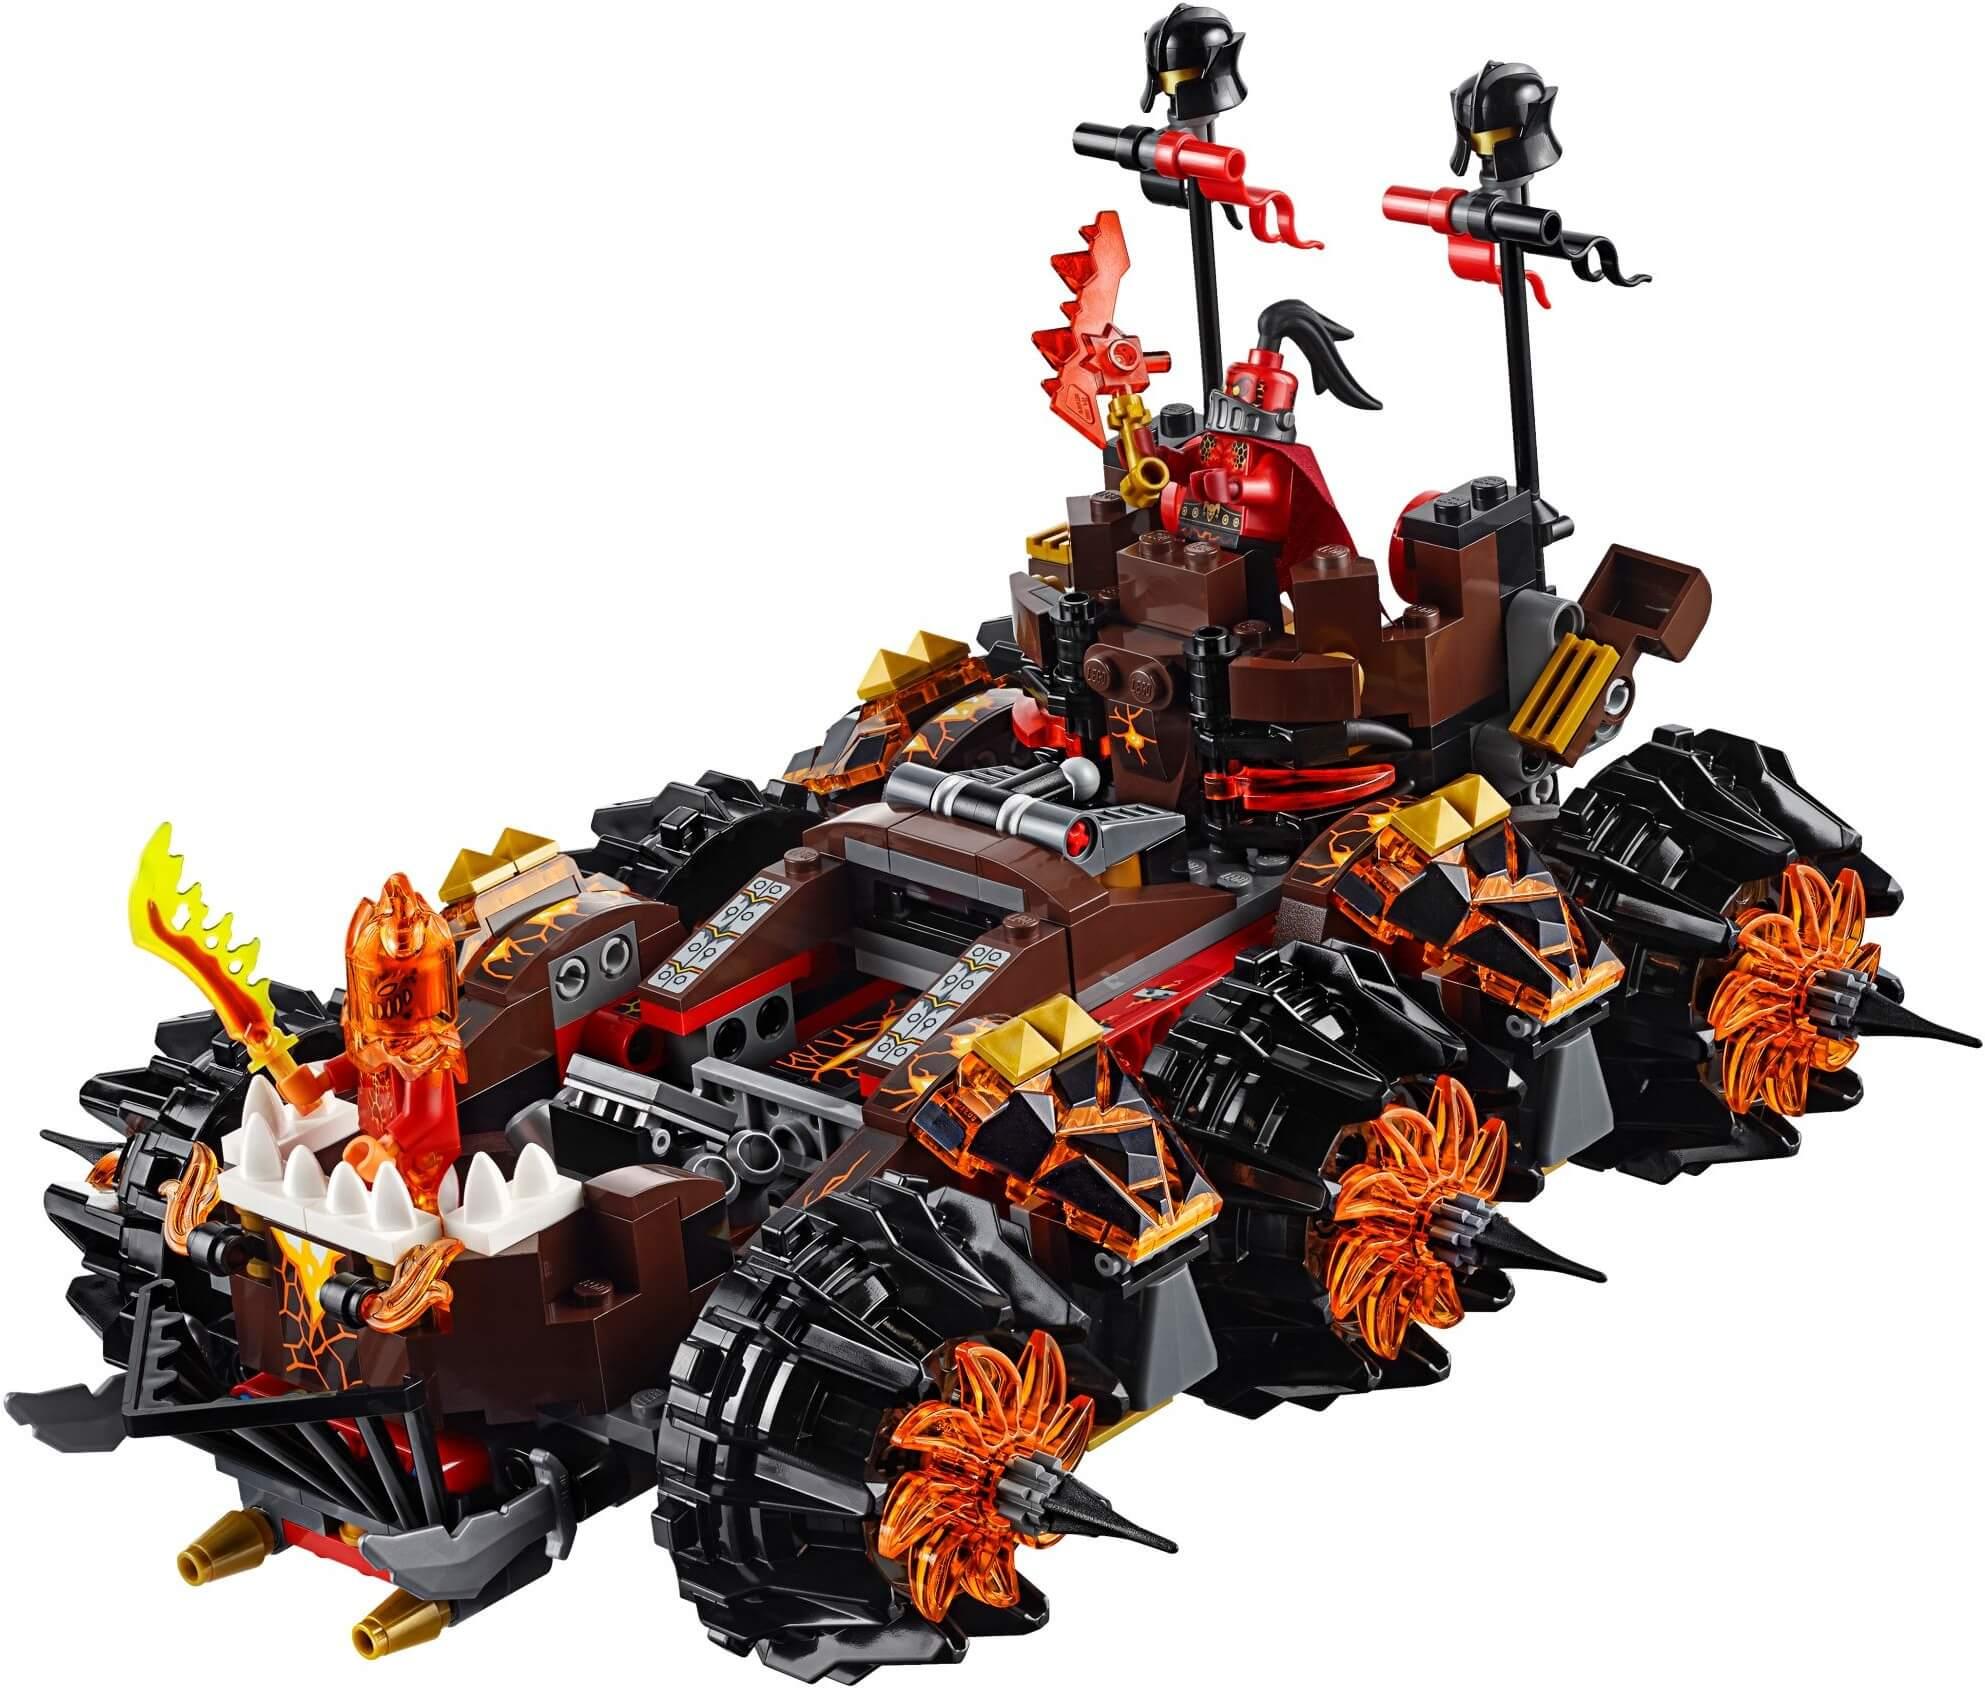 Mua đồ chơi LEGO 70321 - LEGO Nexo Knights 70321 - Cỗ Xe Biến Hình Tháp Canh của Tướng Magmar (LEGO Nexo Knights General Magmar's Siege Machine of Doom 70321)